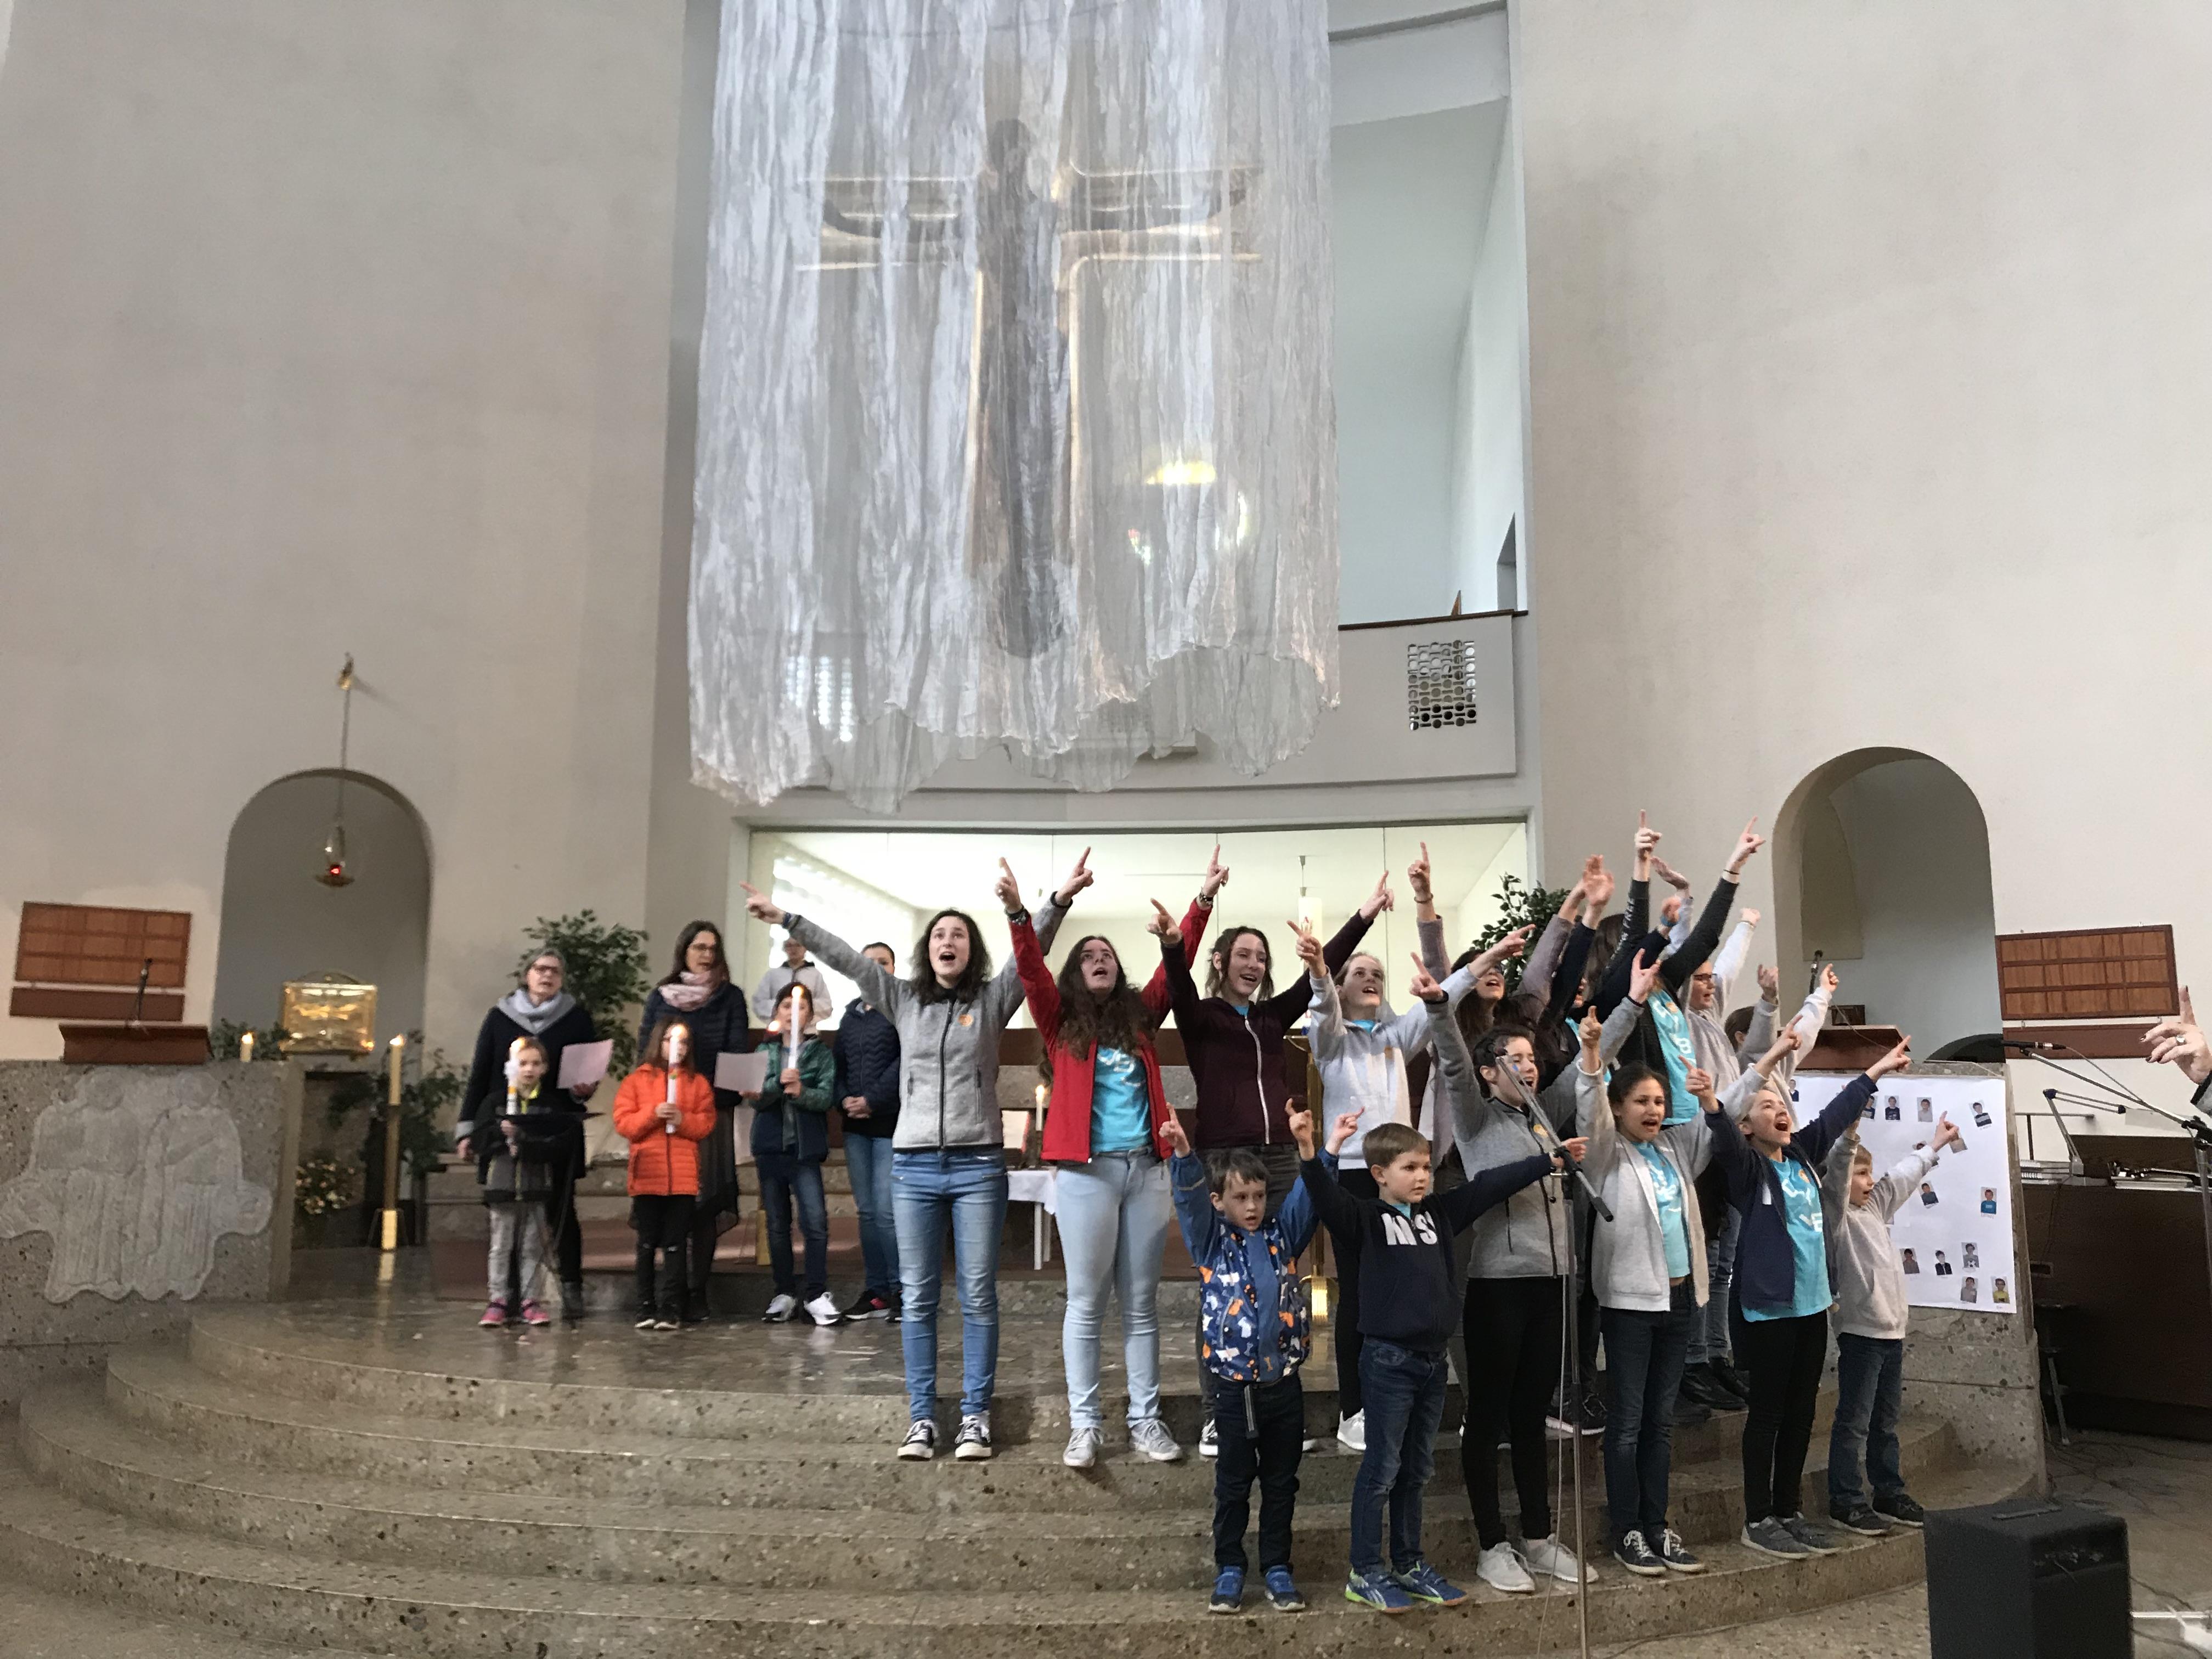 Besuch von KISI-Kids und Tauferneuerung am 5. Fastensonntag